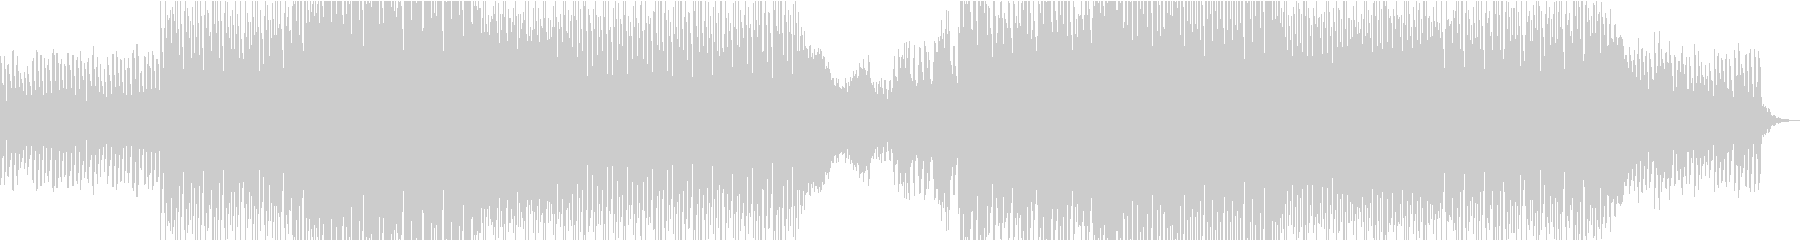 明るくファンキーなエレクトロダンスポップの未再生の波形